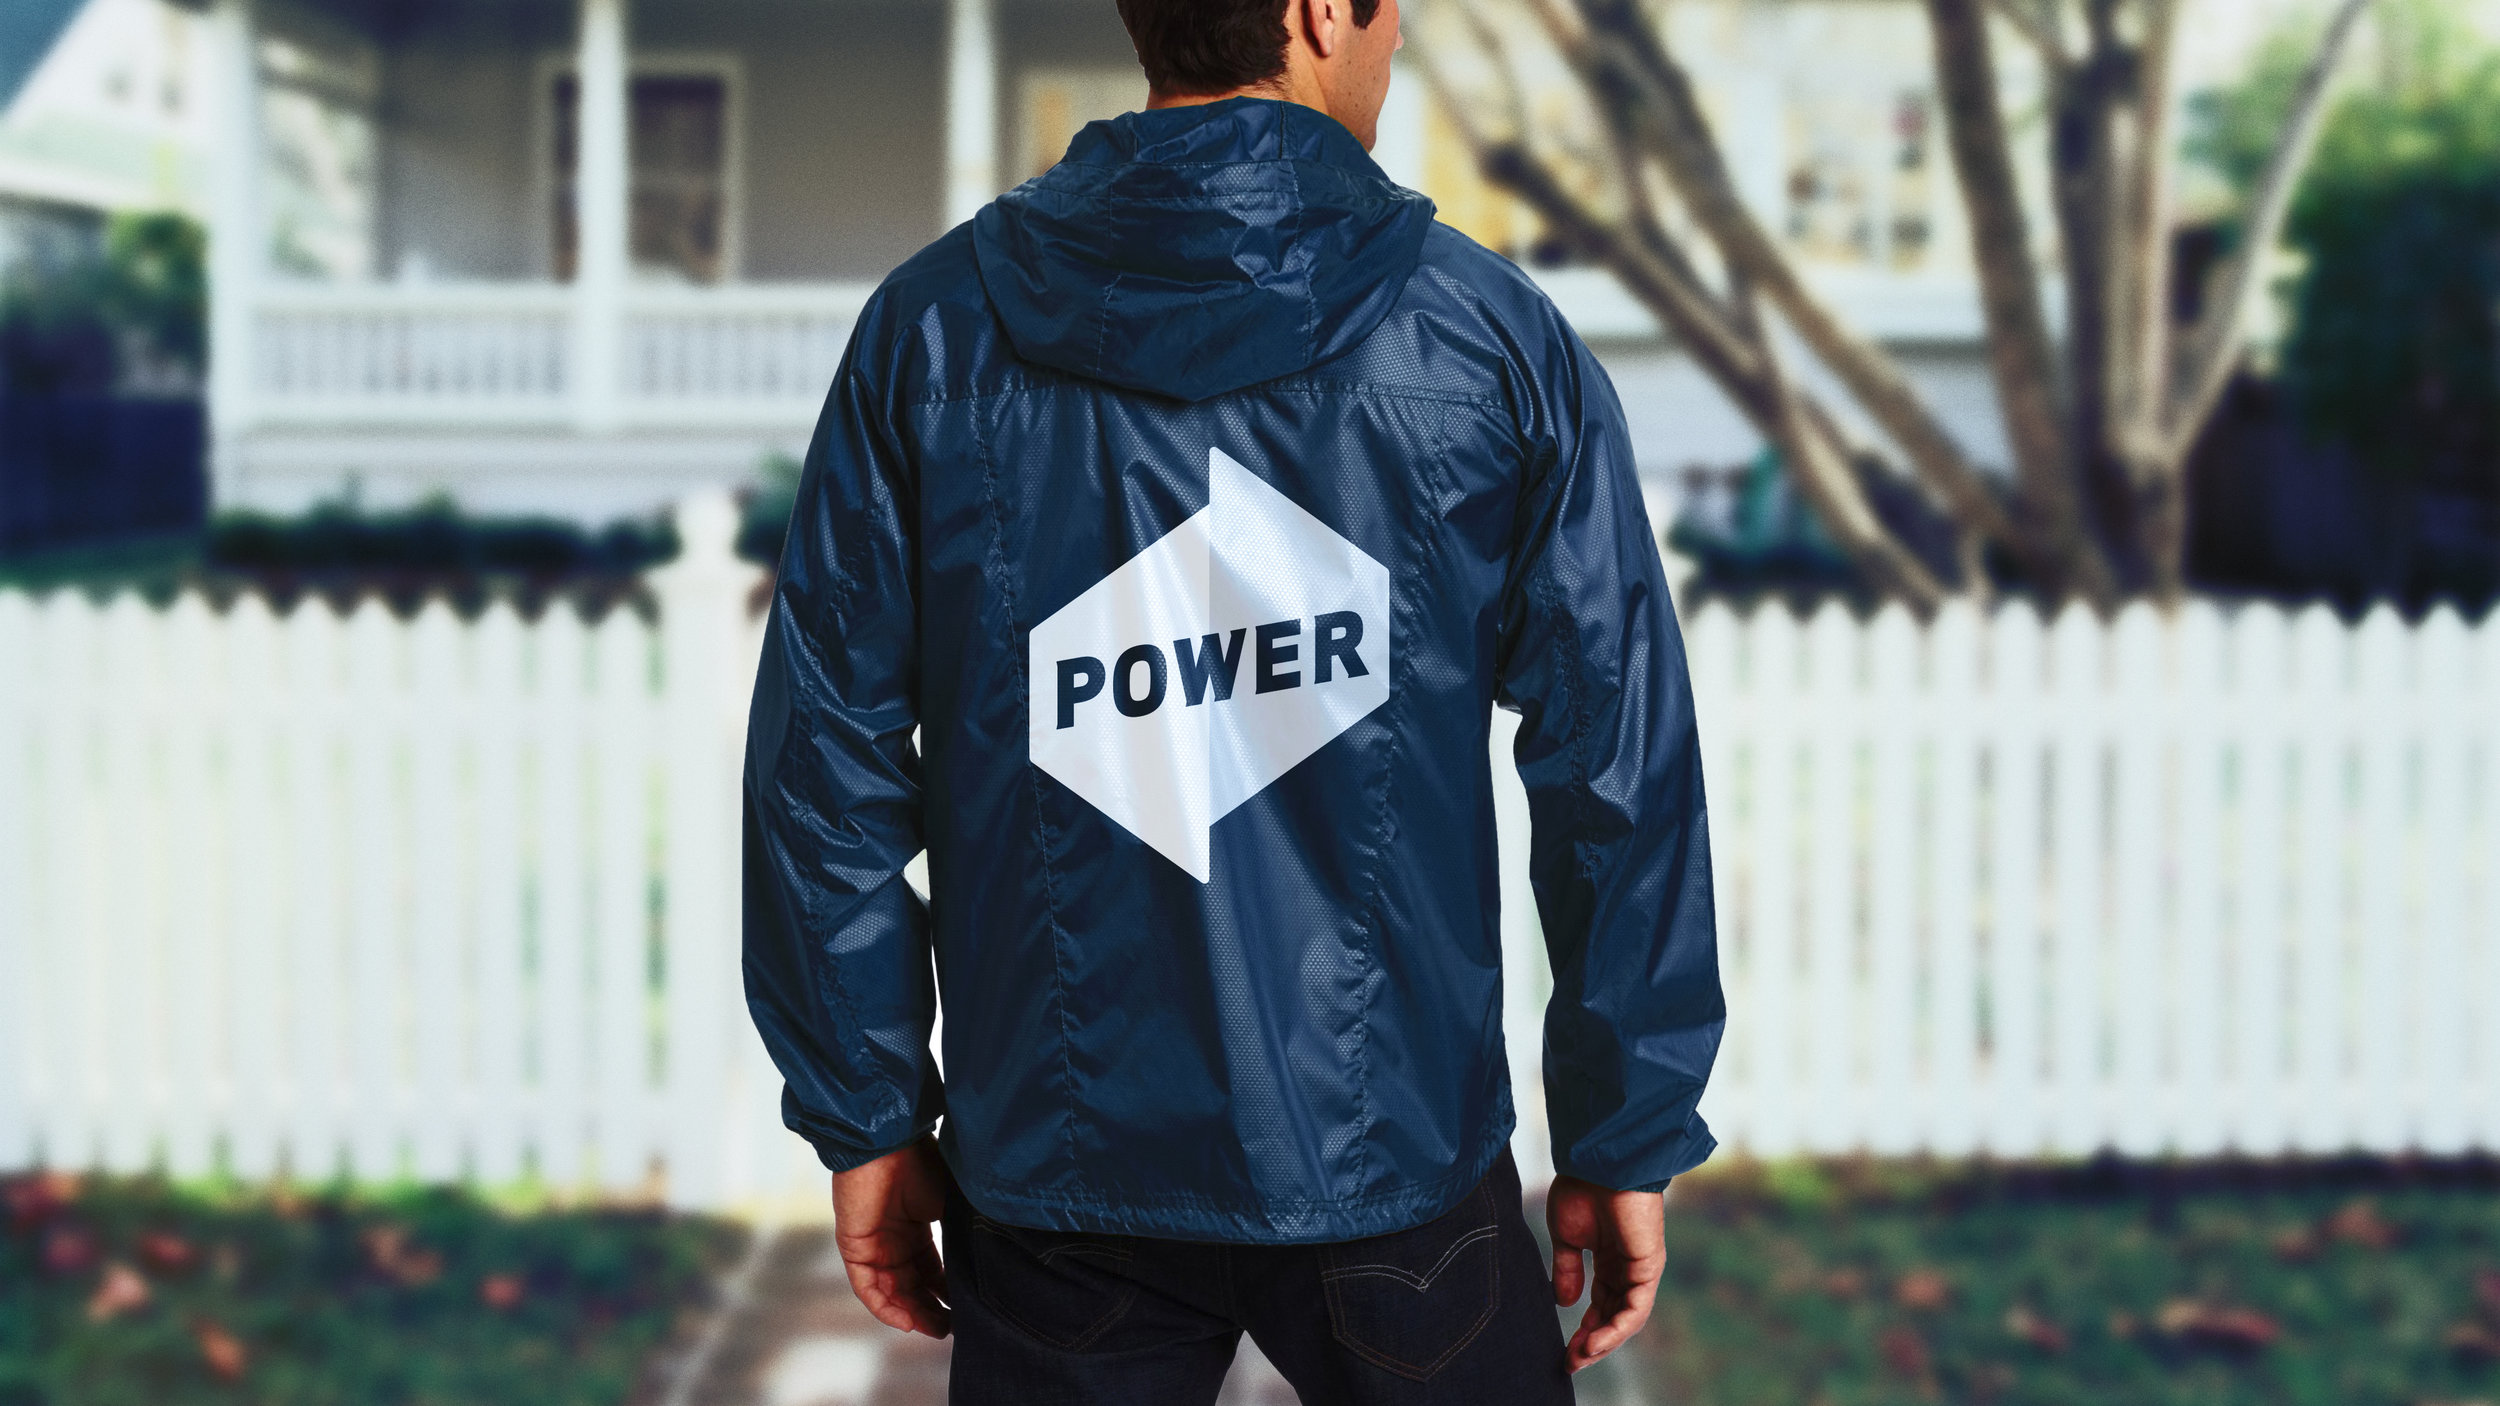 Power_Windbreaker.jpg